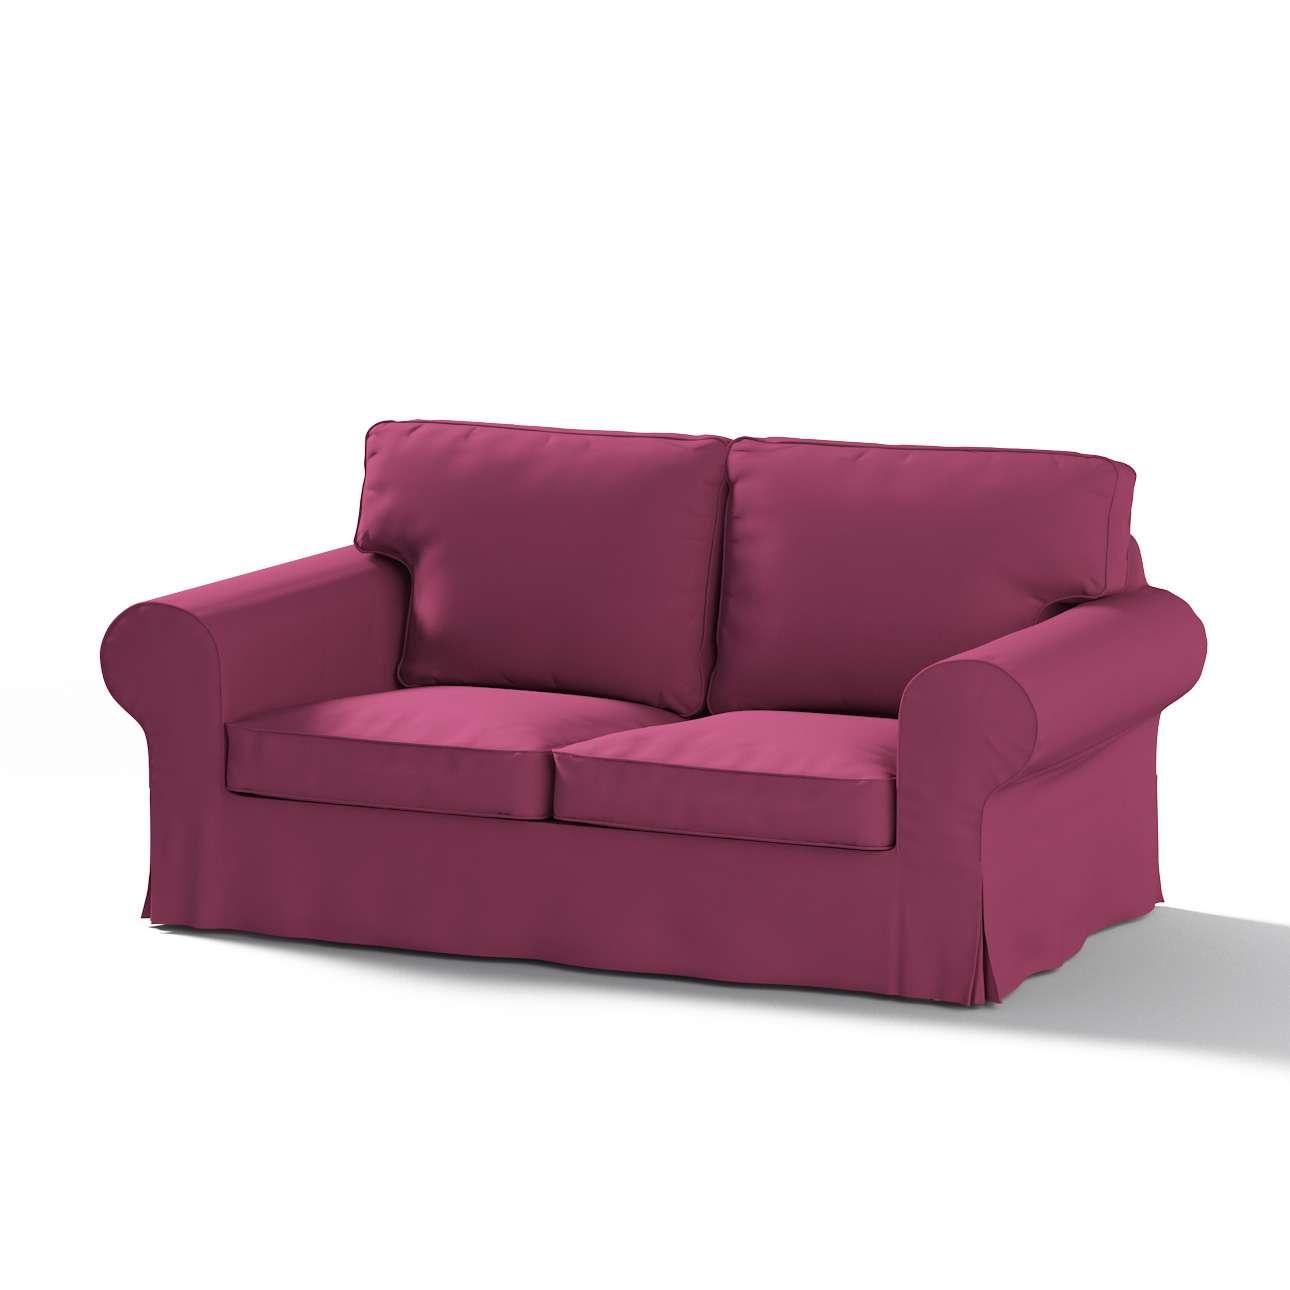 Pokrowiec na sofę Ektorp 2-osobową rozkładaną, model po 2012 w kolekcji Cotton Panama, tkanina: 702-32